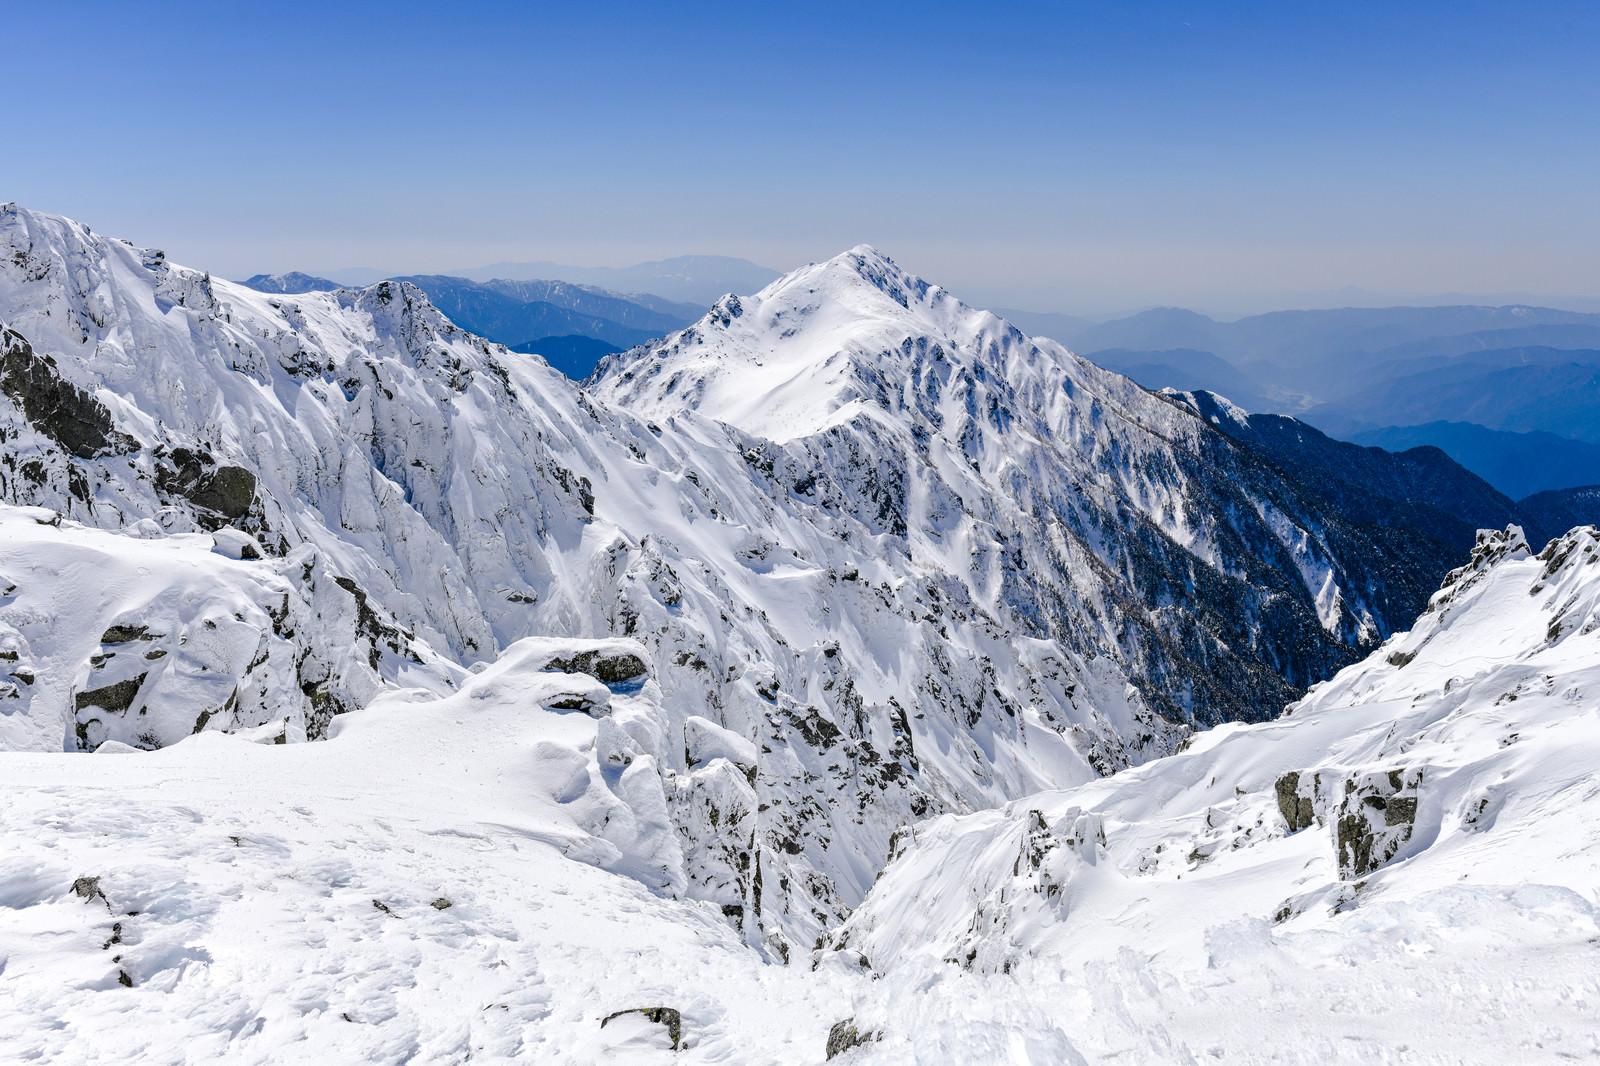 「青空と三ノ沢岳の遠景」の写真